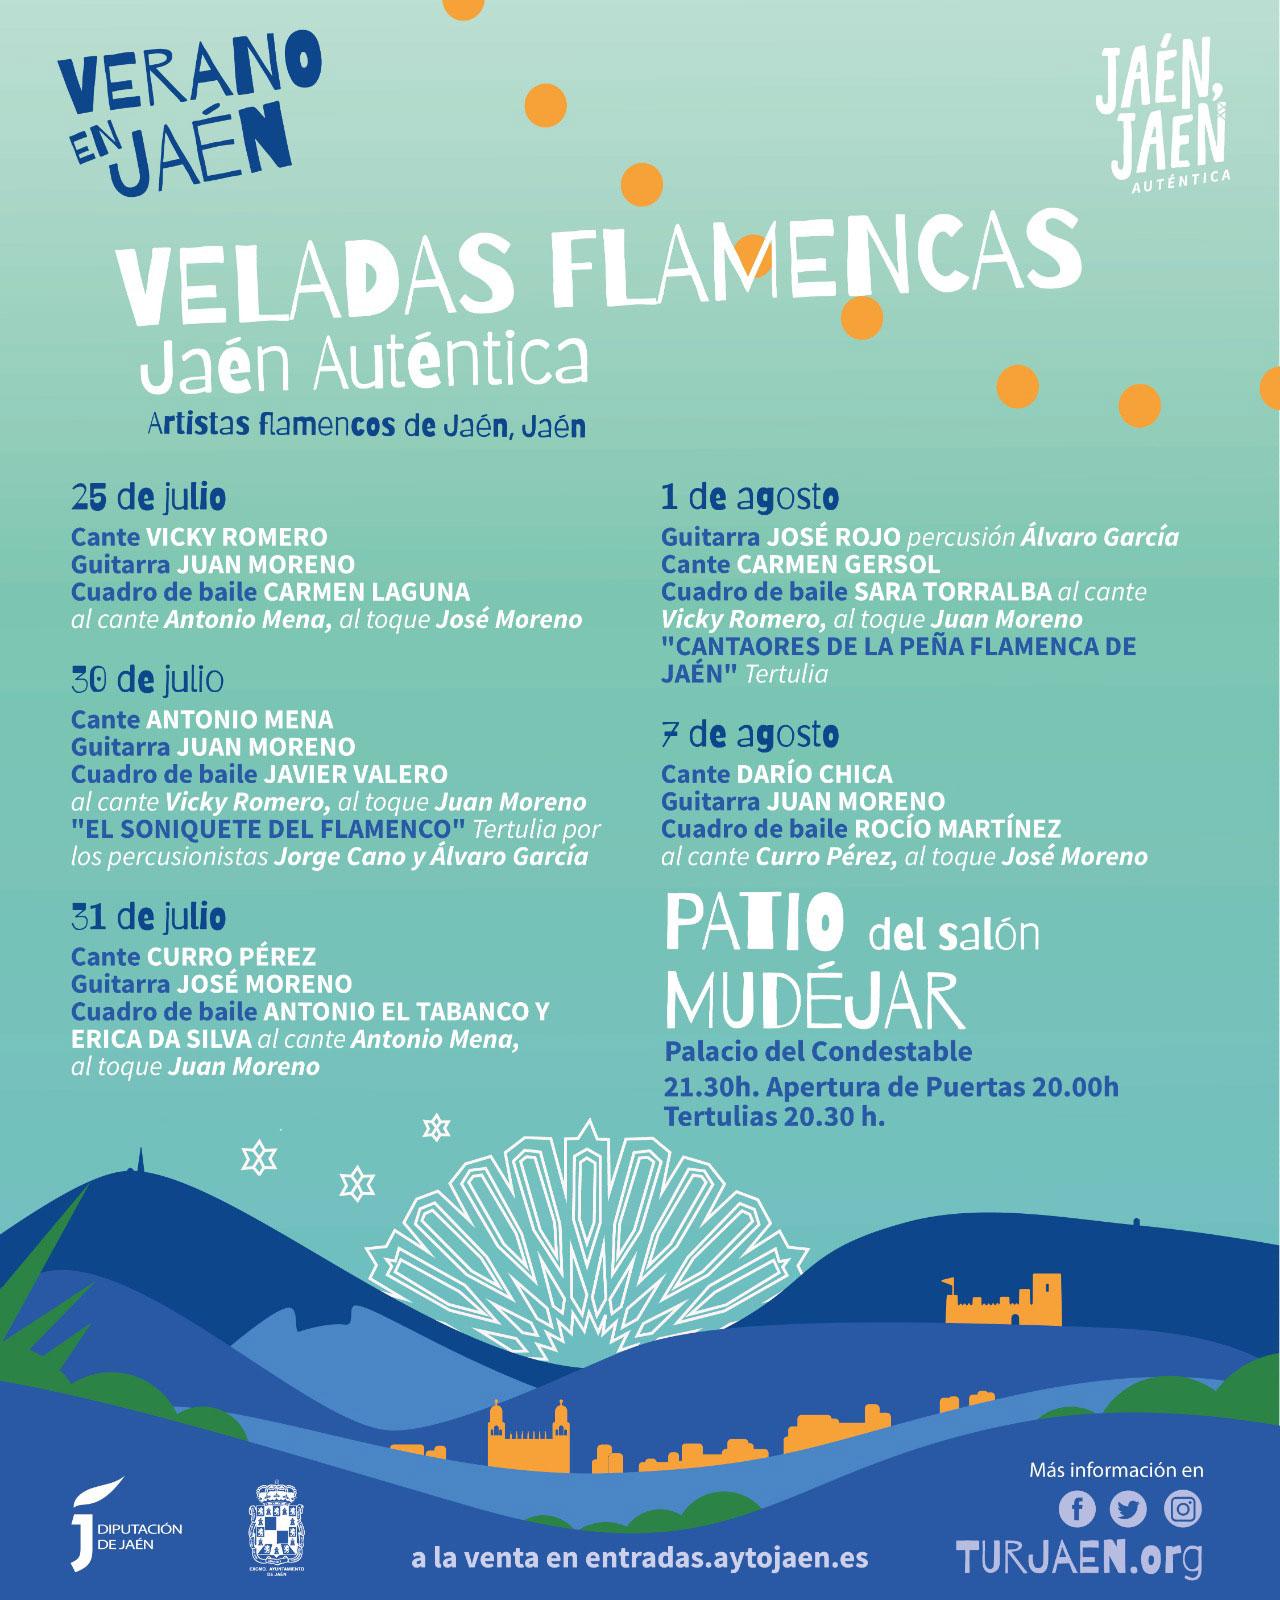 Veladas Flamencas Jaén Auténtica